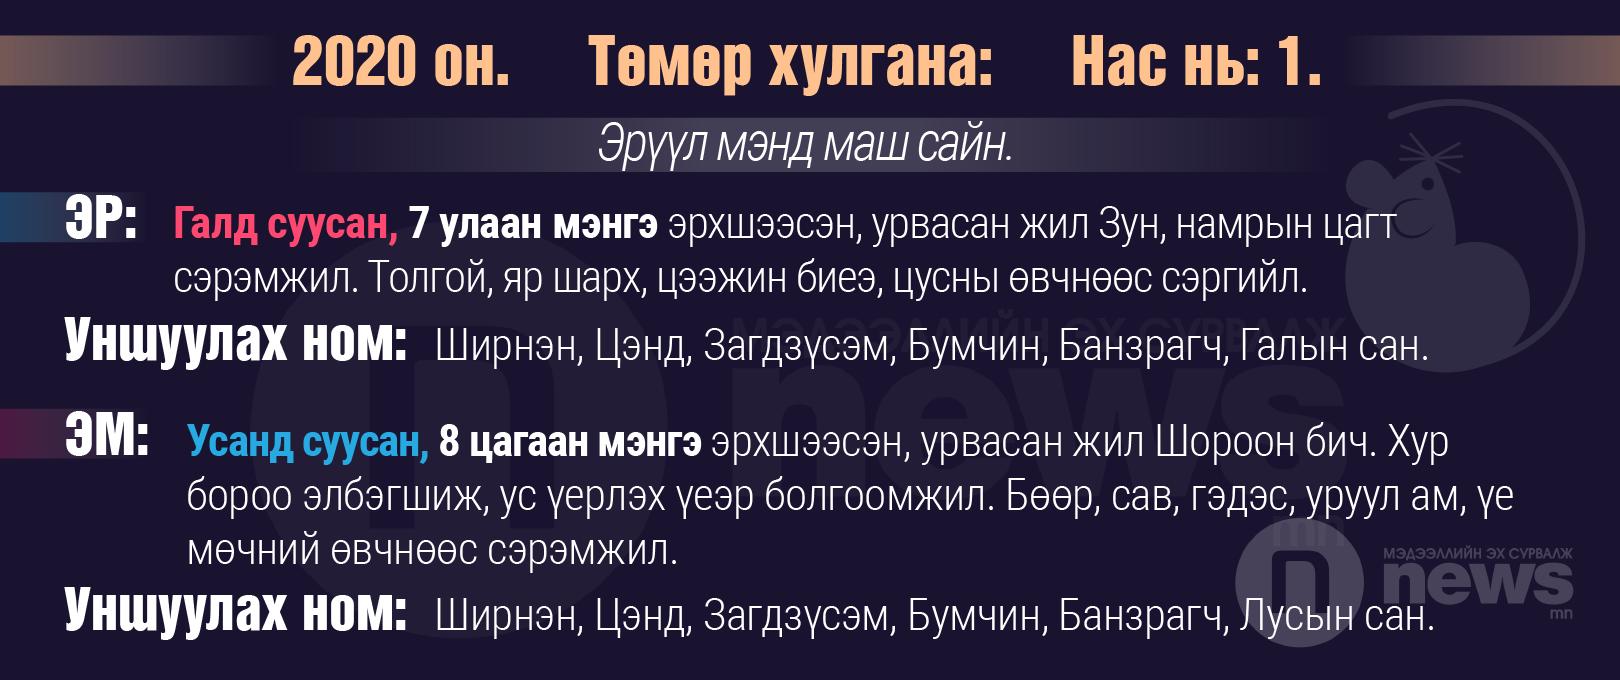 Хулгана-09